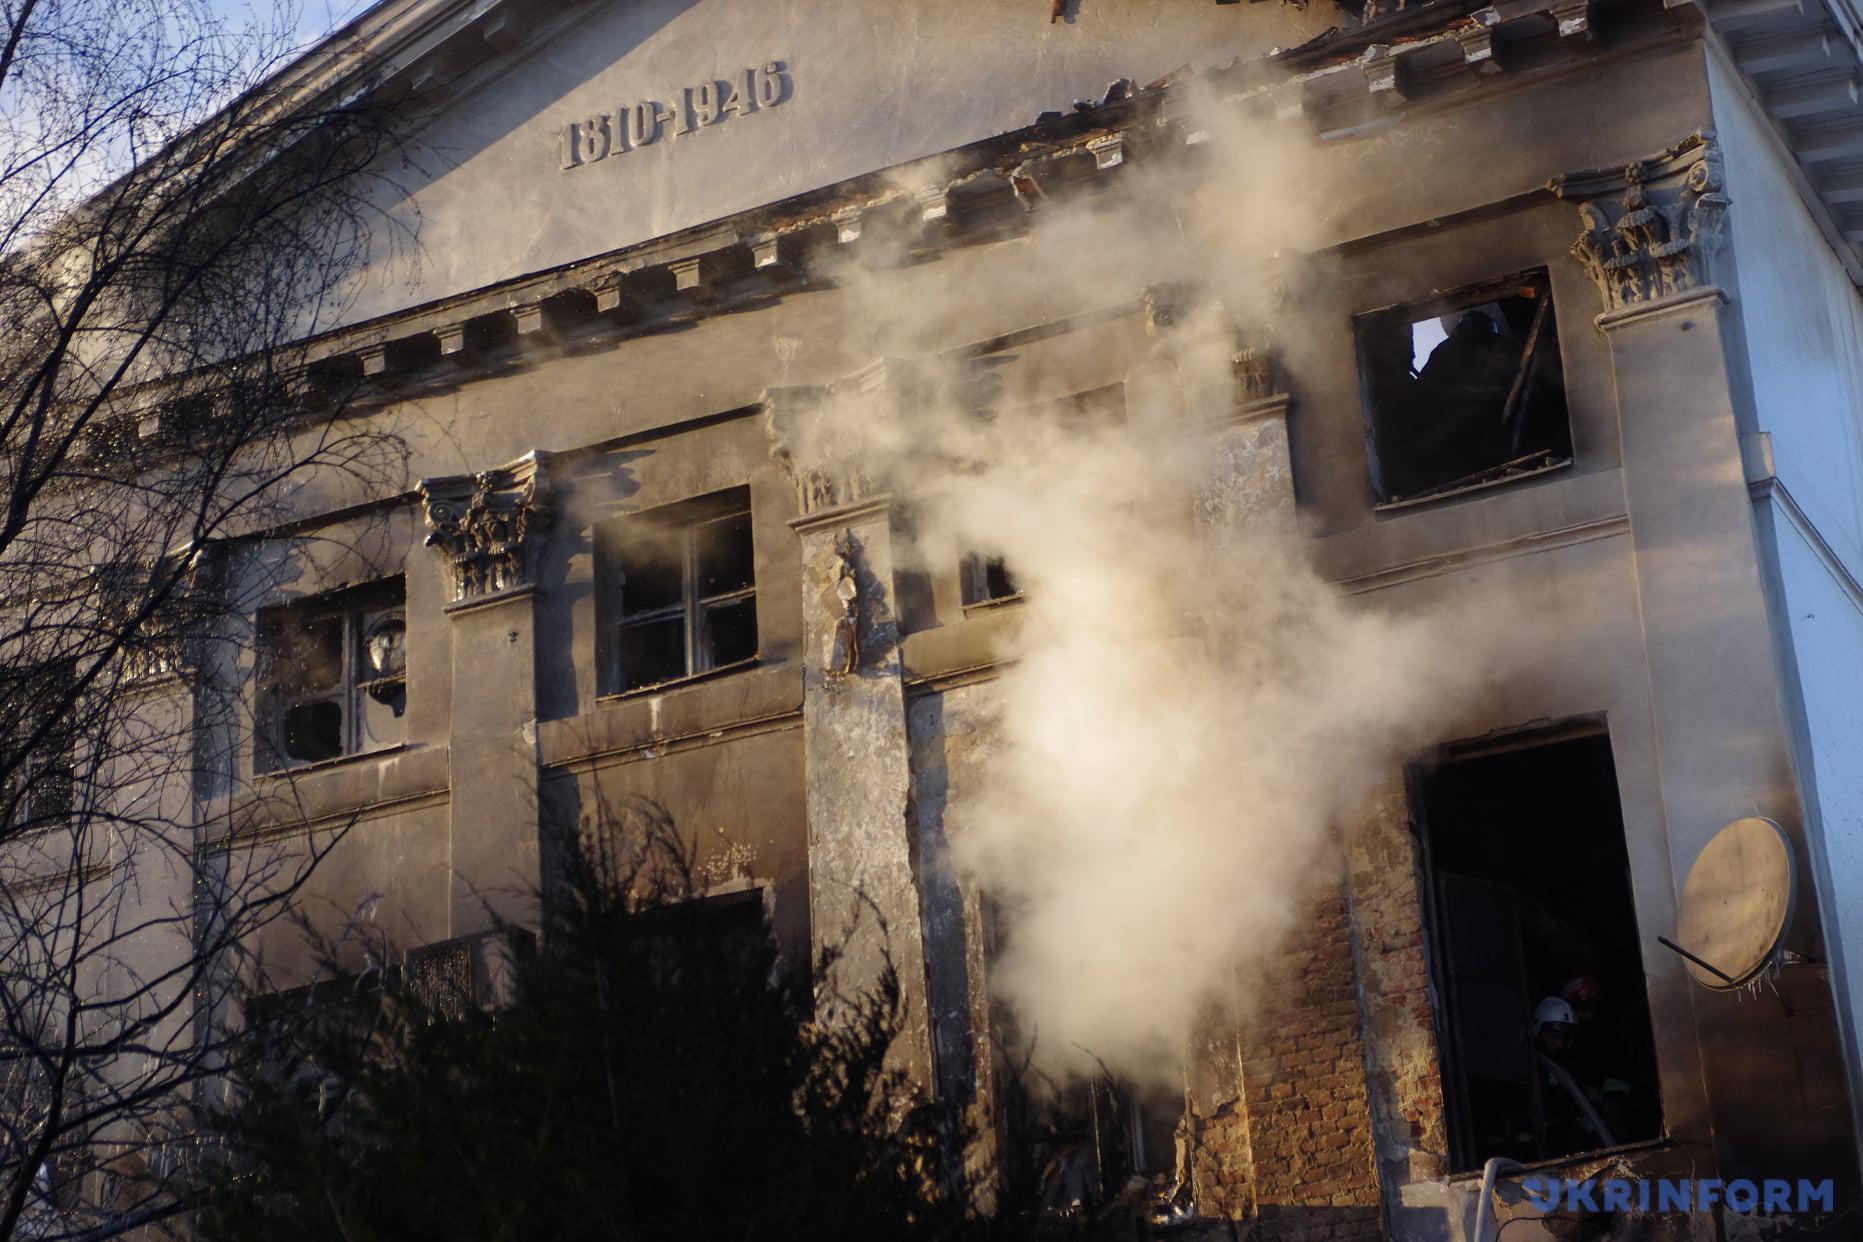 Наслідки пожежі в історичній будівлі в Полтаві / Фото: Сергій Пустовіт. Укрінформ